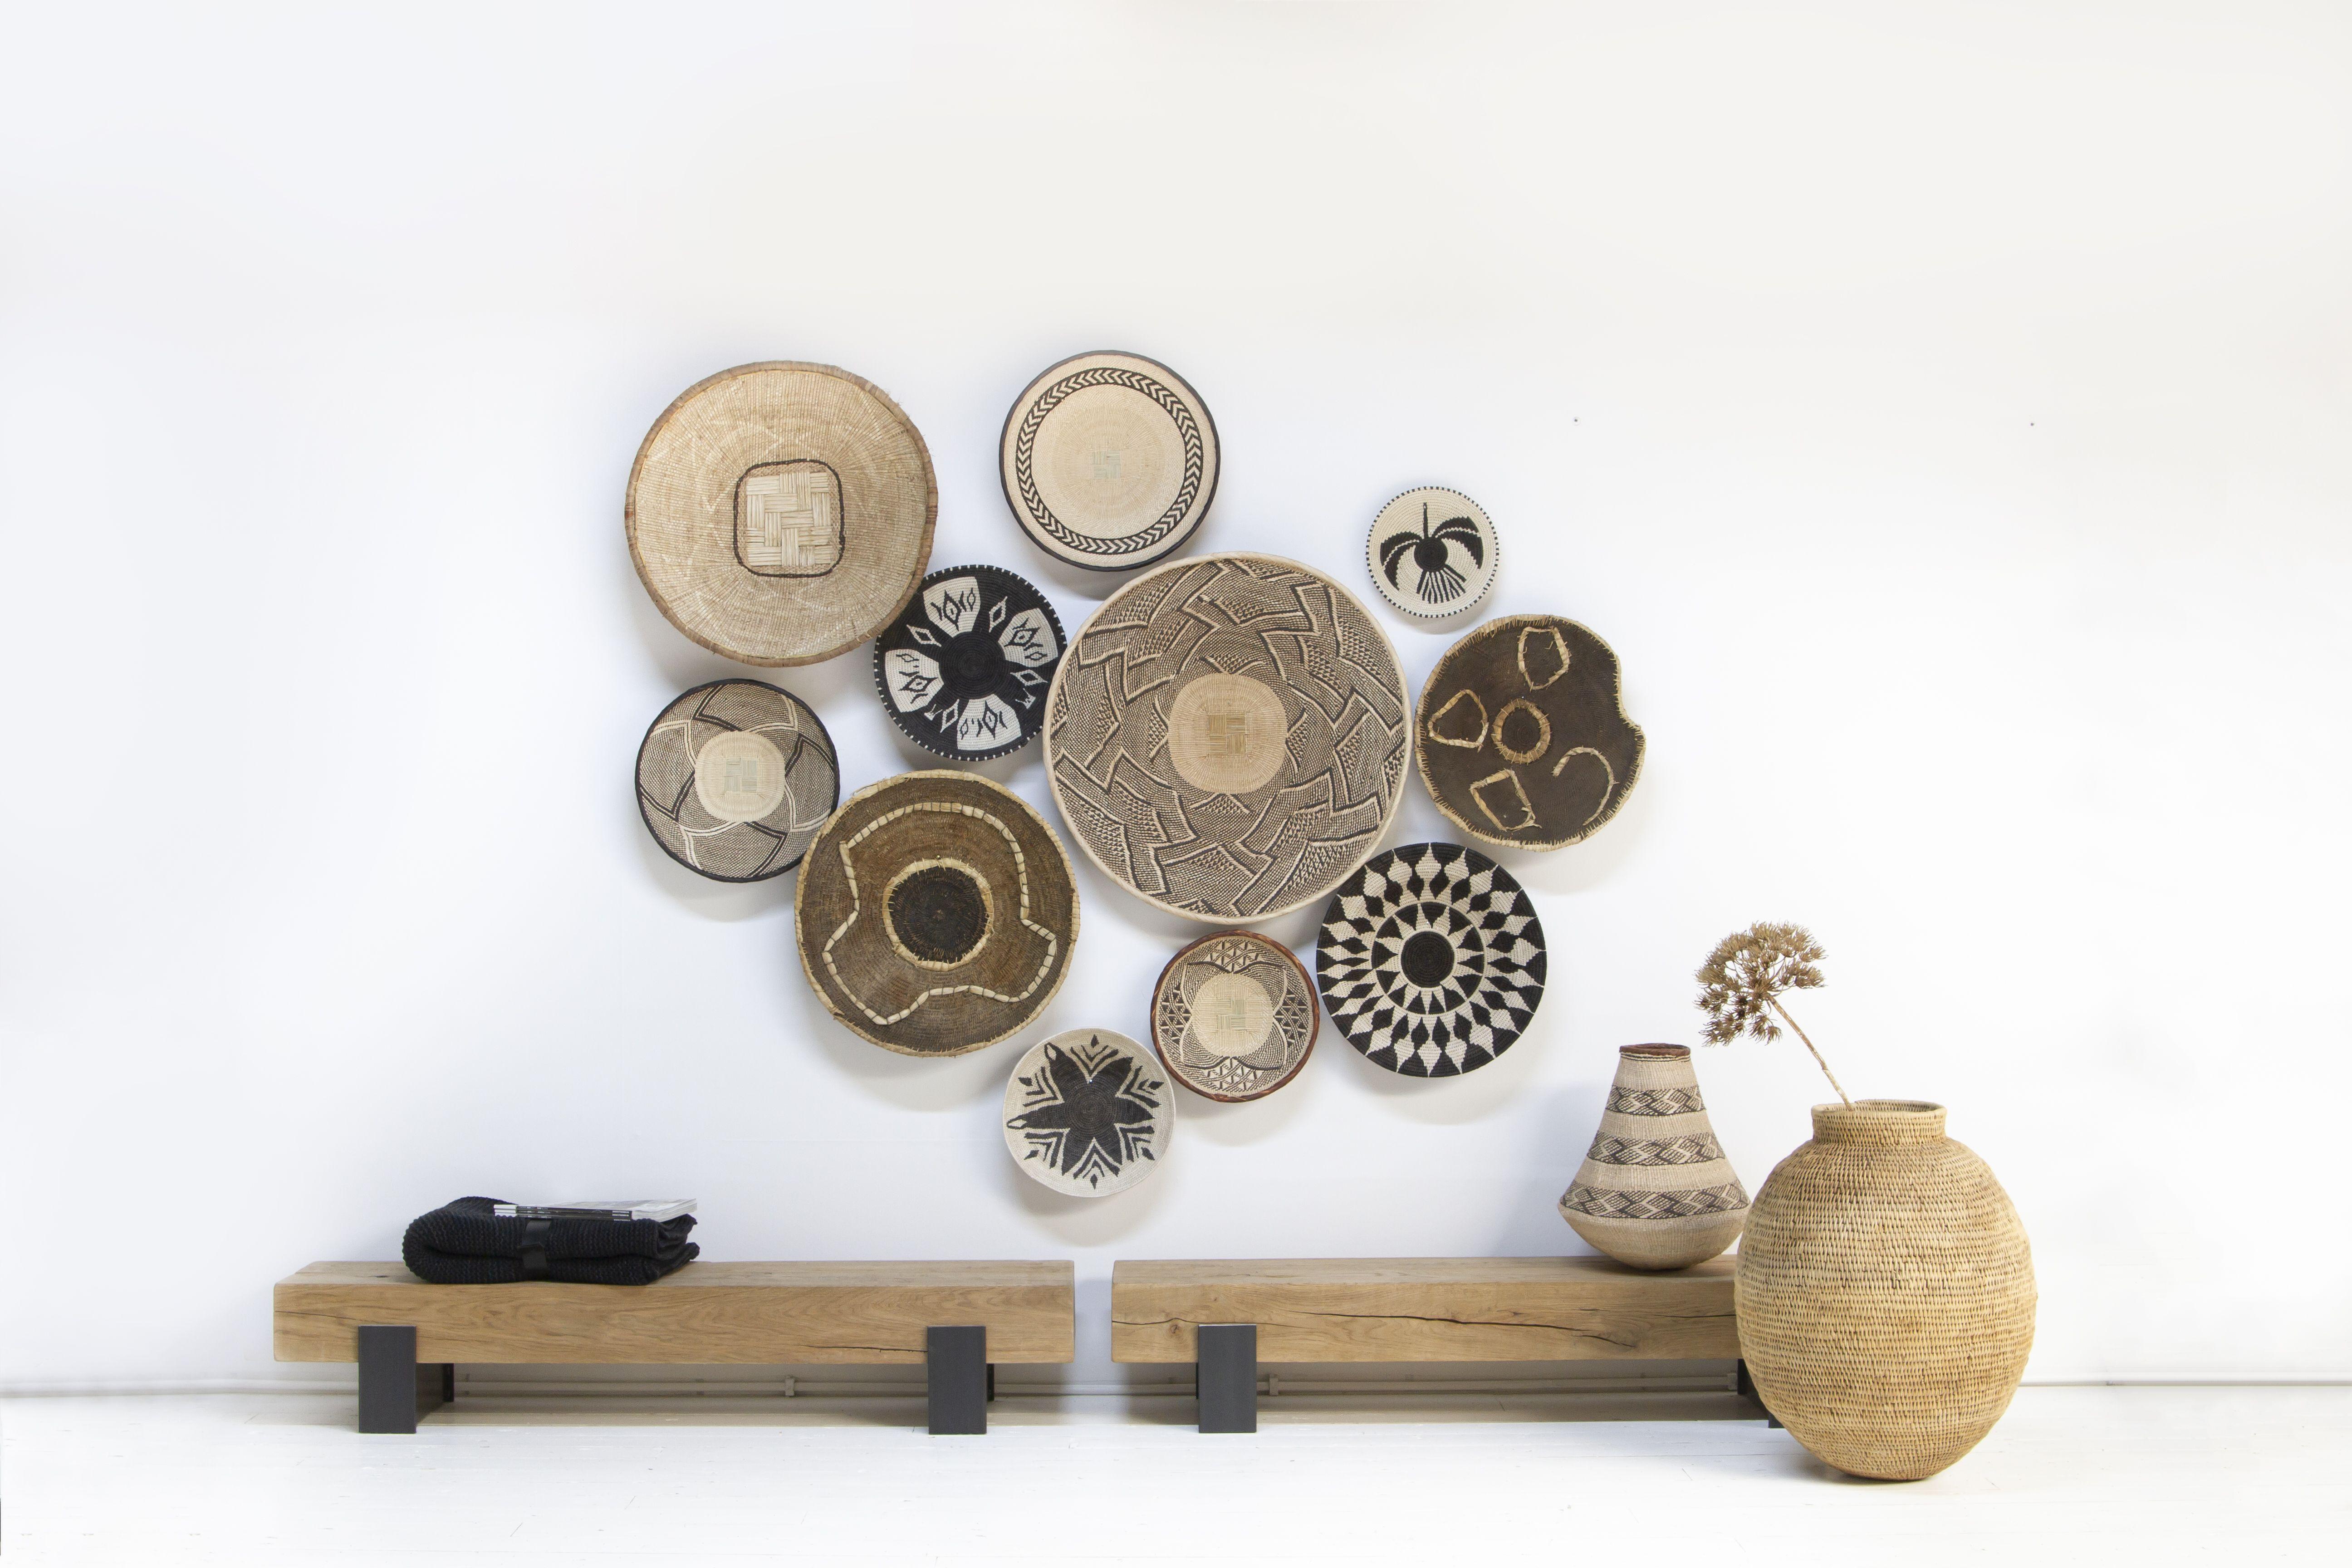 Boxworx Heeft Een Breed Assortiment Van Afrikaanse Handgeweven Manden Mix Verschillende Maten En Soorten Voor Een Mooie Dec Muur Mand Mand Decoratie Interieur